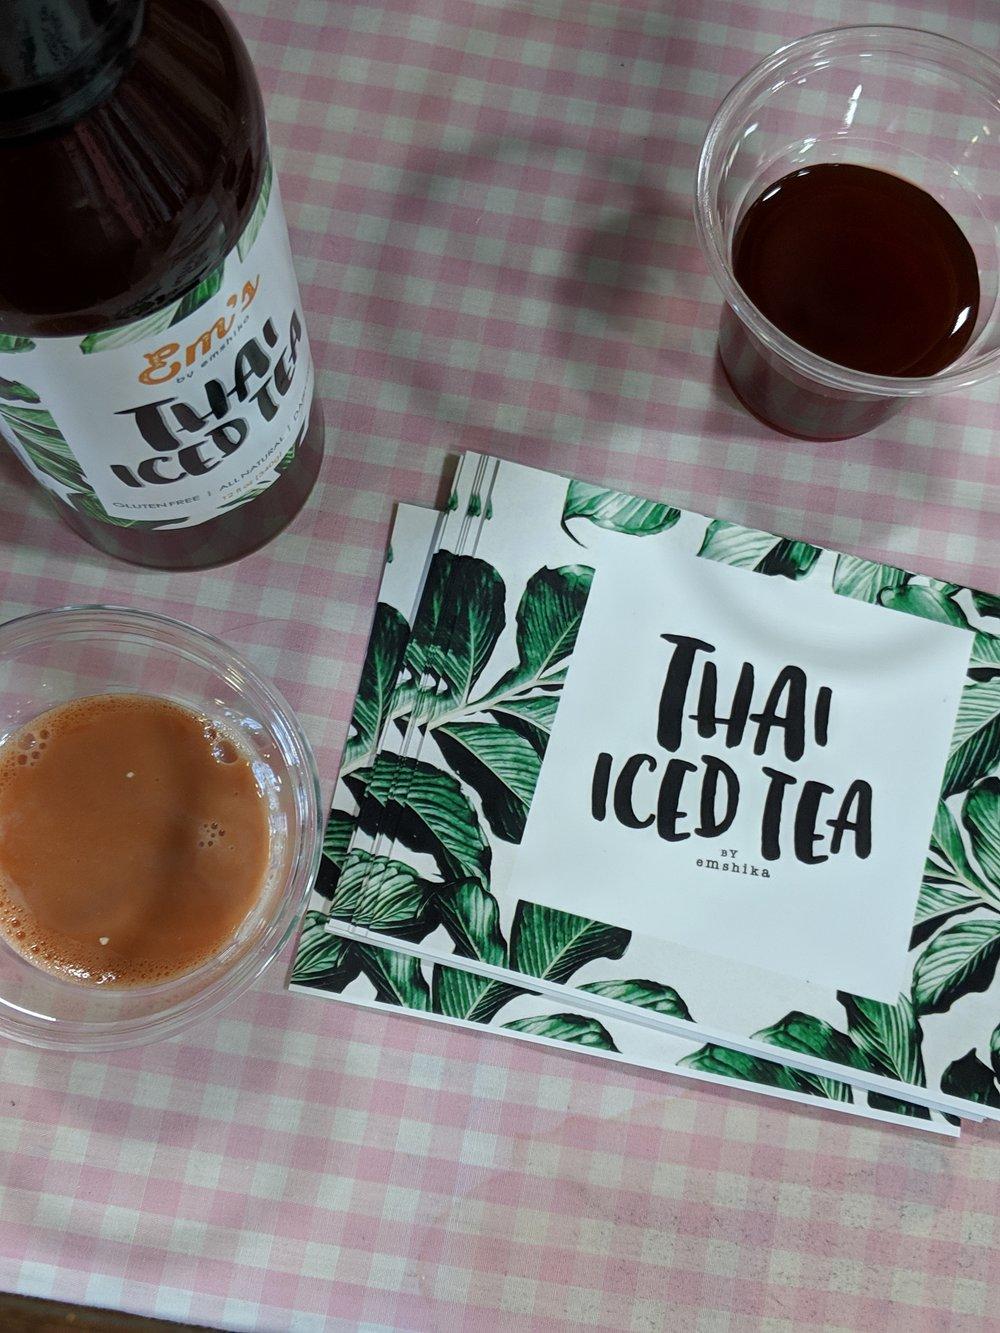 All Natural Emshika's Thai Iced Tea